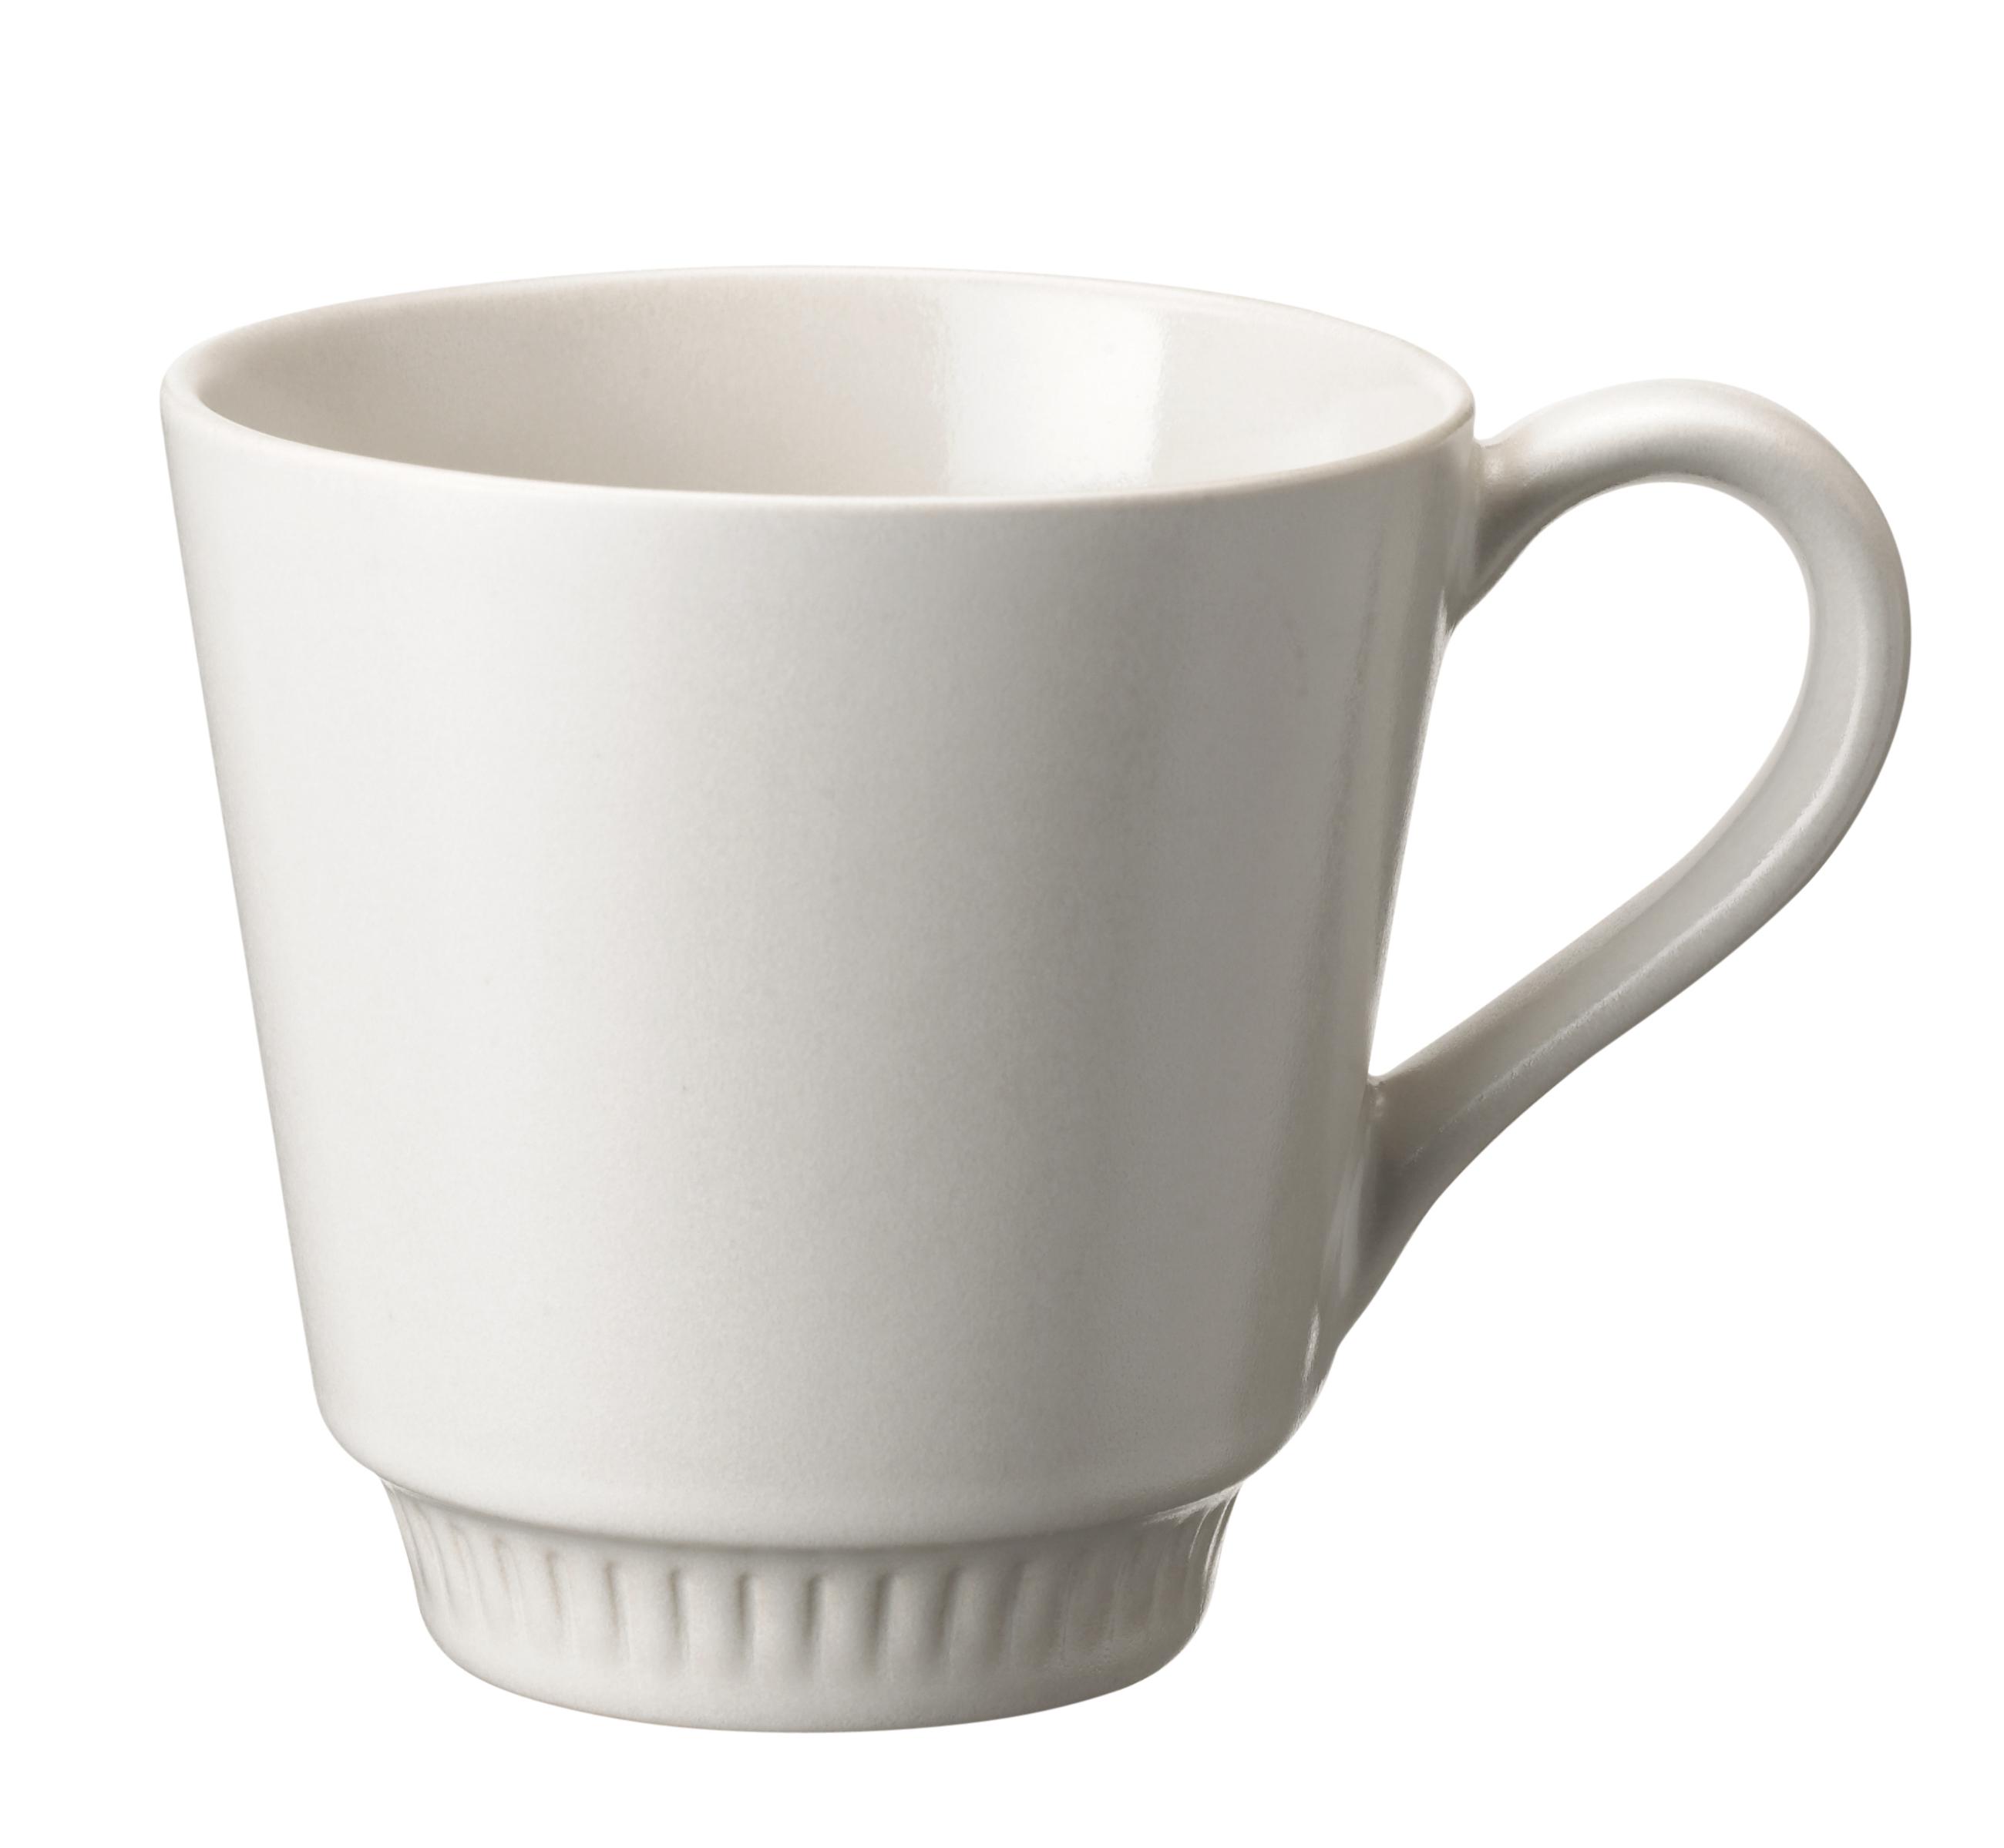 Knabstrup Tasse weiß